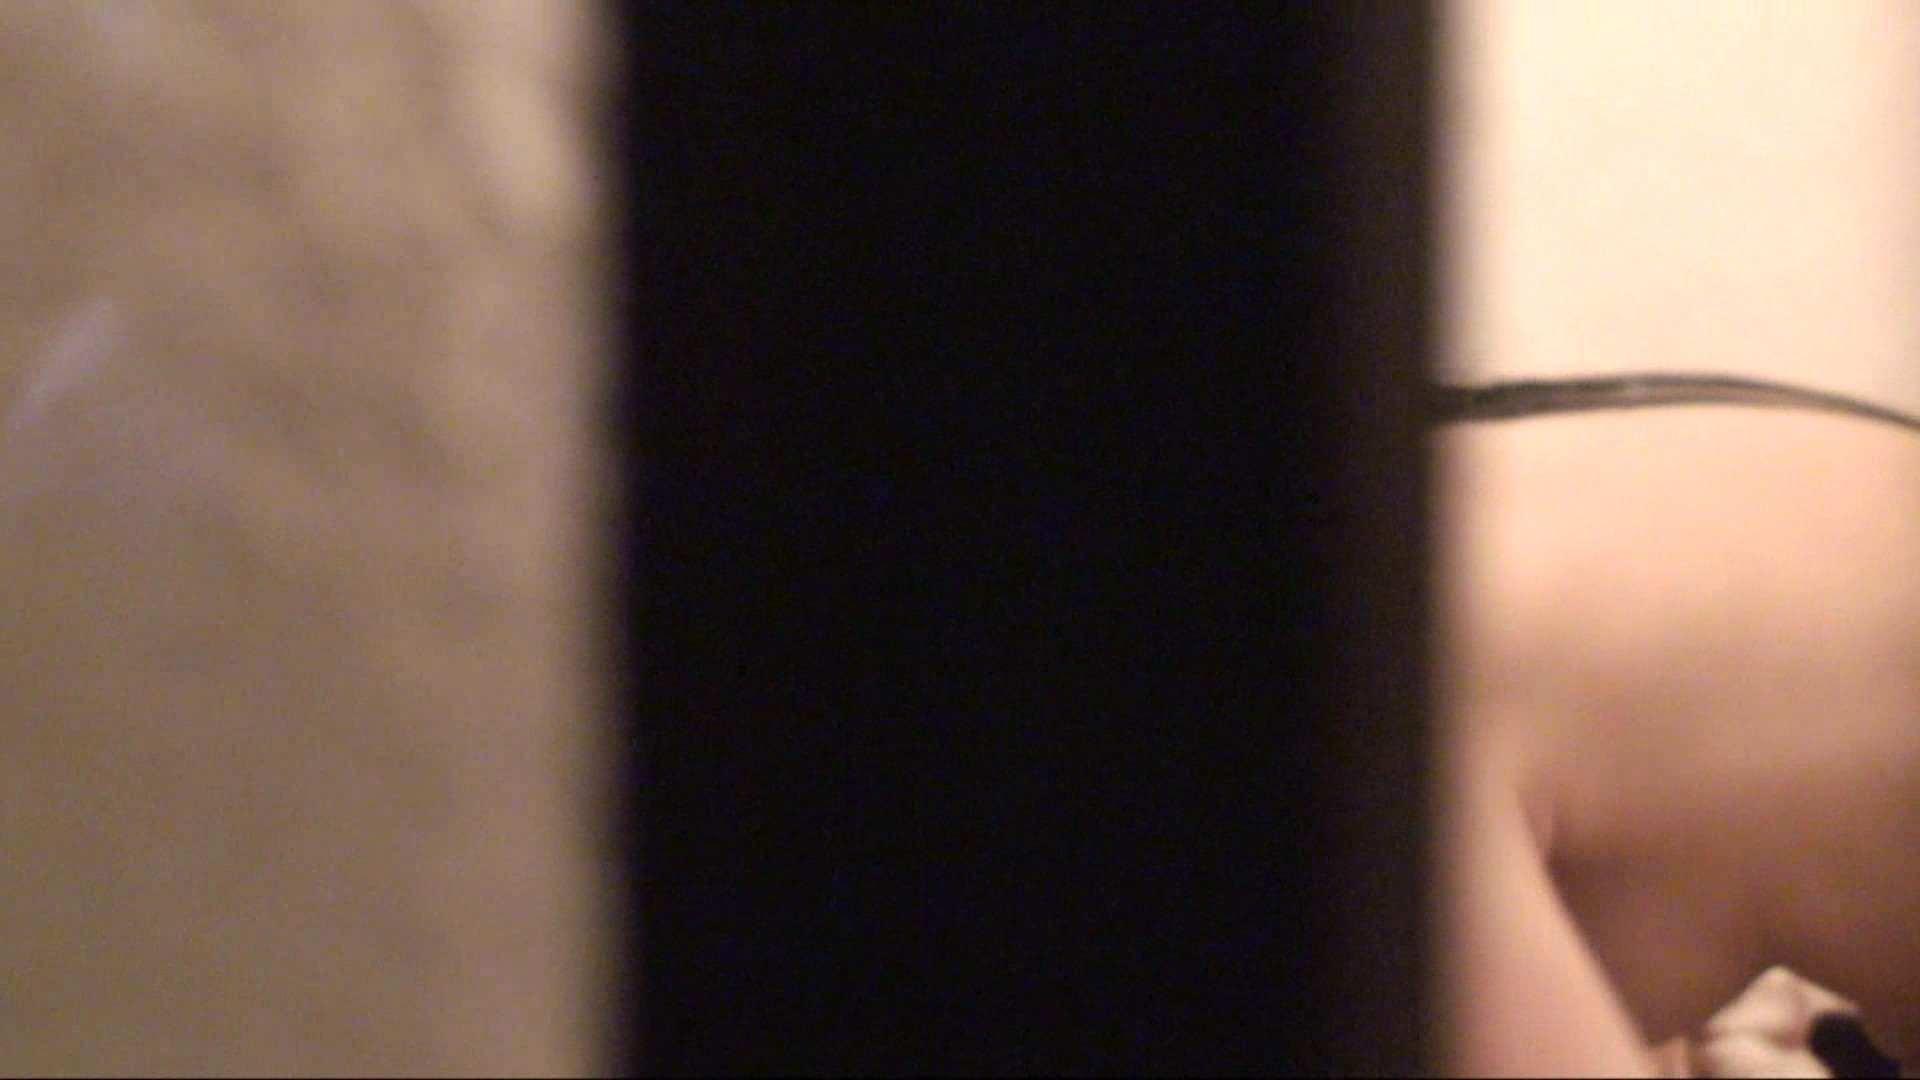 トイレ盗撮|vol.01必見!白肌嬢の乳首が丸見え。極上美人のすっぴん顔をハイビジョンで!|怪盗ジョーカー